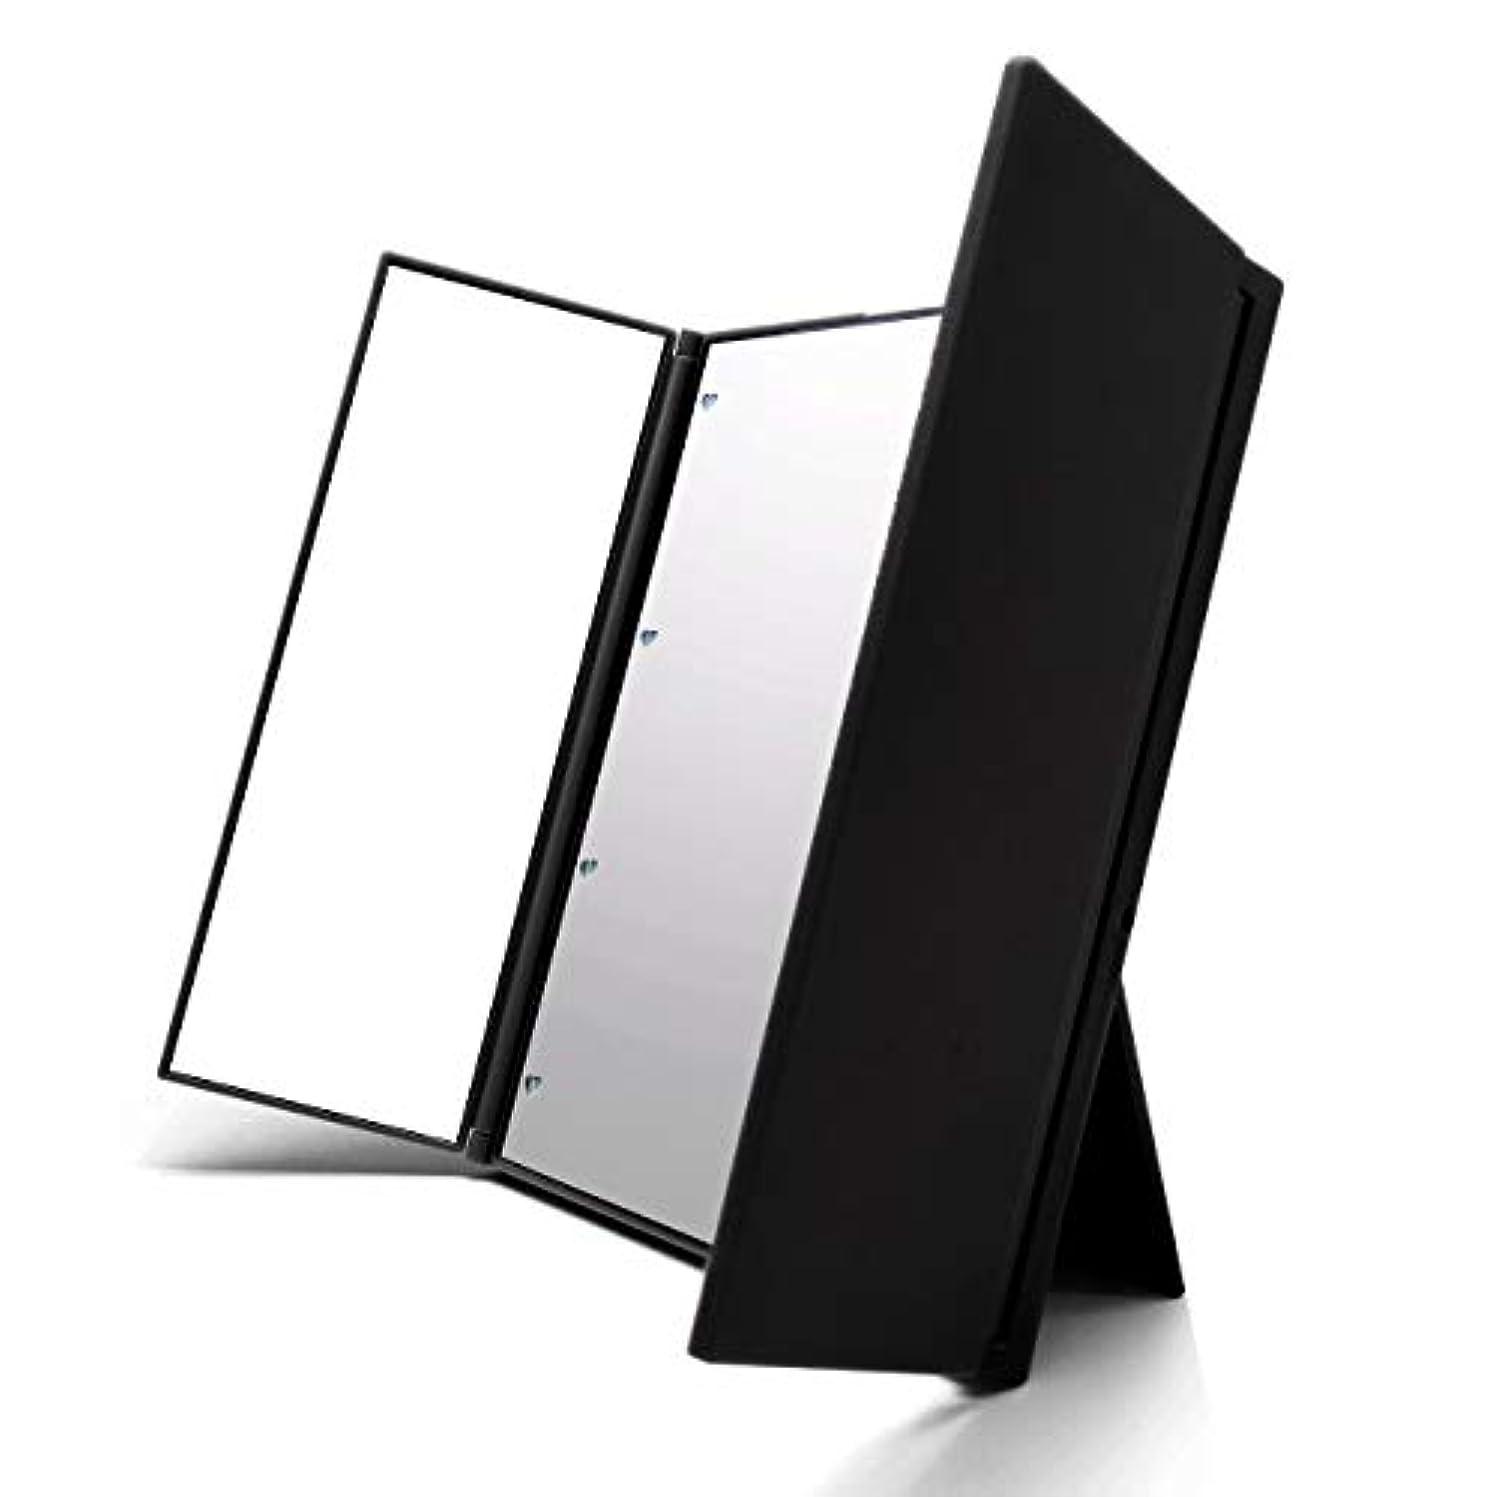 冷淡なたらいバーゲンVidgoo 鏡 卓上 化粧鏡 スタンド LED付き 三面鏡 折り畳み式 調整可能 電池型 ブラック